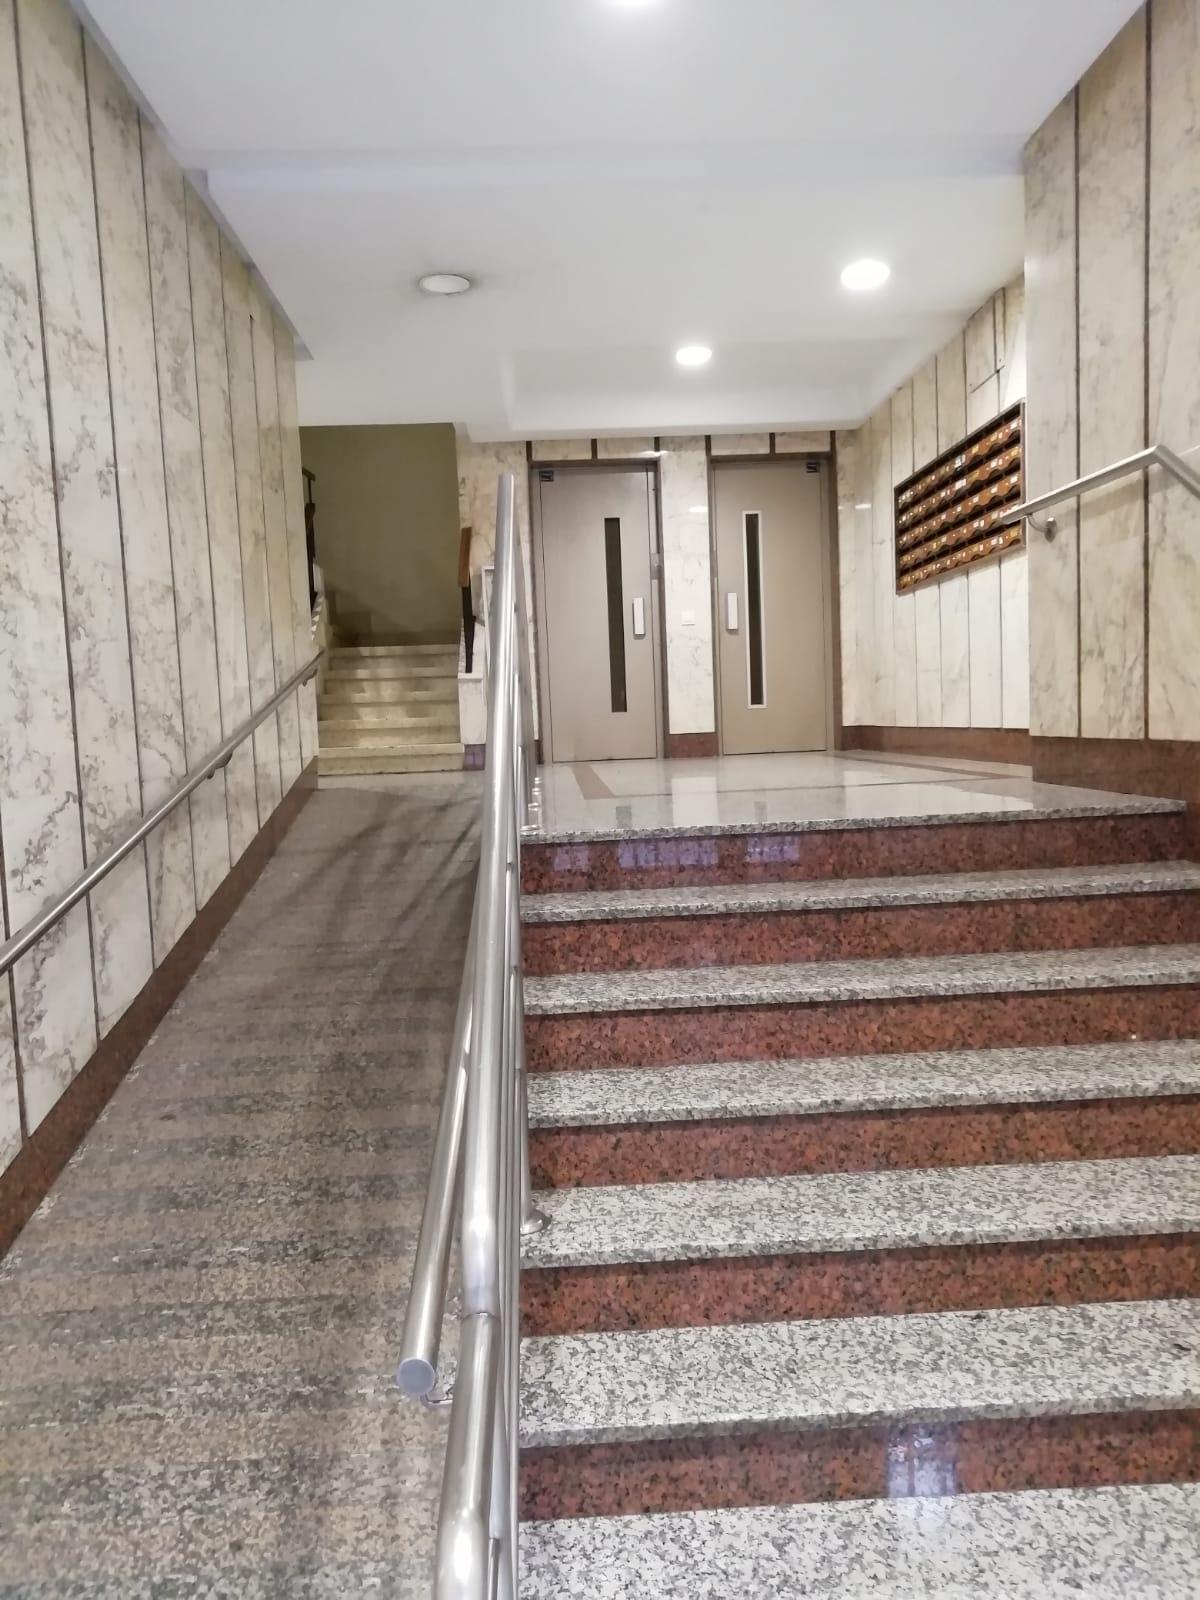 PISO DE TRES DORMITORIOS ZONA HOSPITALES (REF: 42) - foto 14 68a08544-5934-402d-8713-491acb0ab7a5.jpg